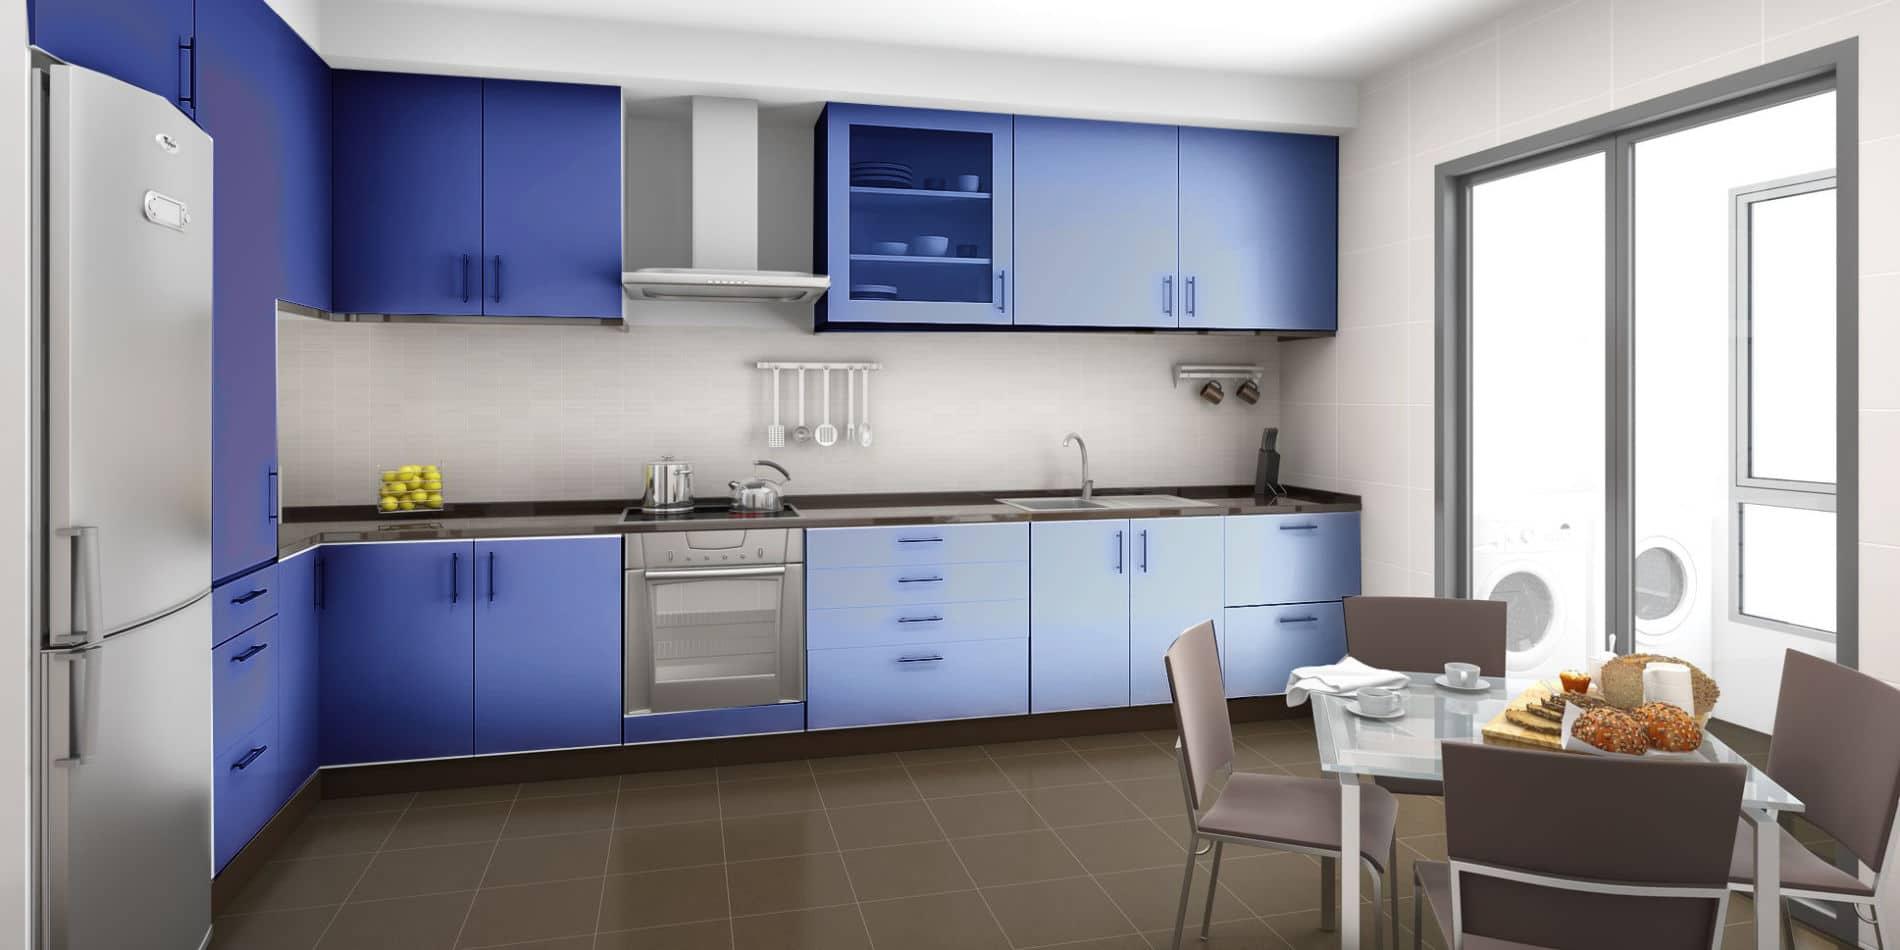 מטבח איכותי בצבע כחול